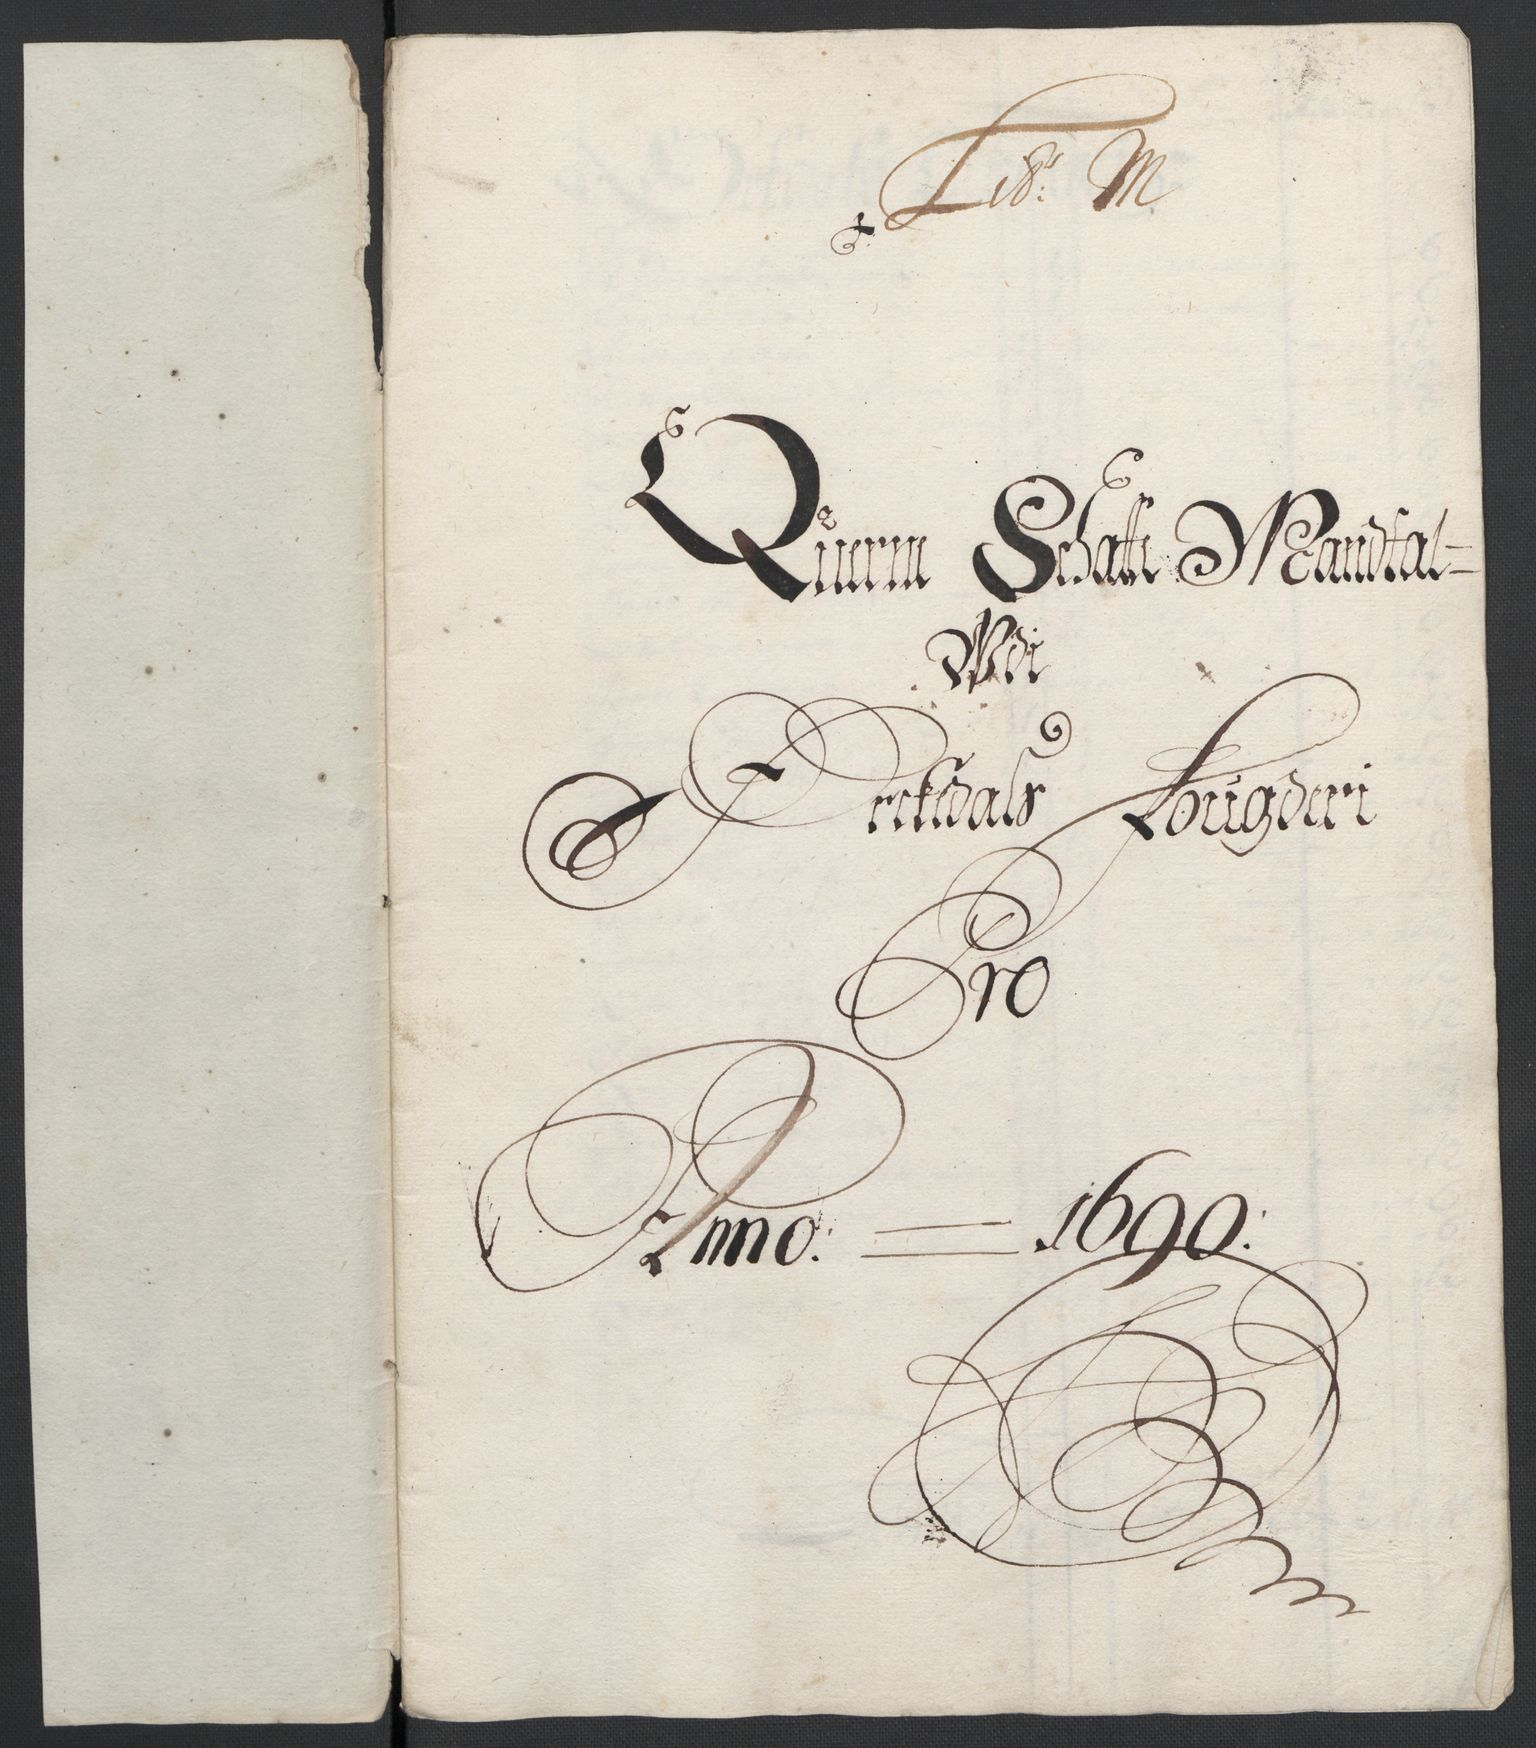 RA, Rentekammeret inntil 1814, Reviderte regnskaper, Fogderegnskap, R58/L3936: Fogderegnskap Orkdal, 1689-1690, s. 414